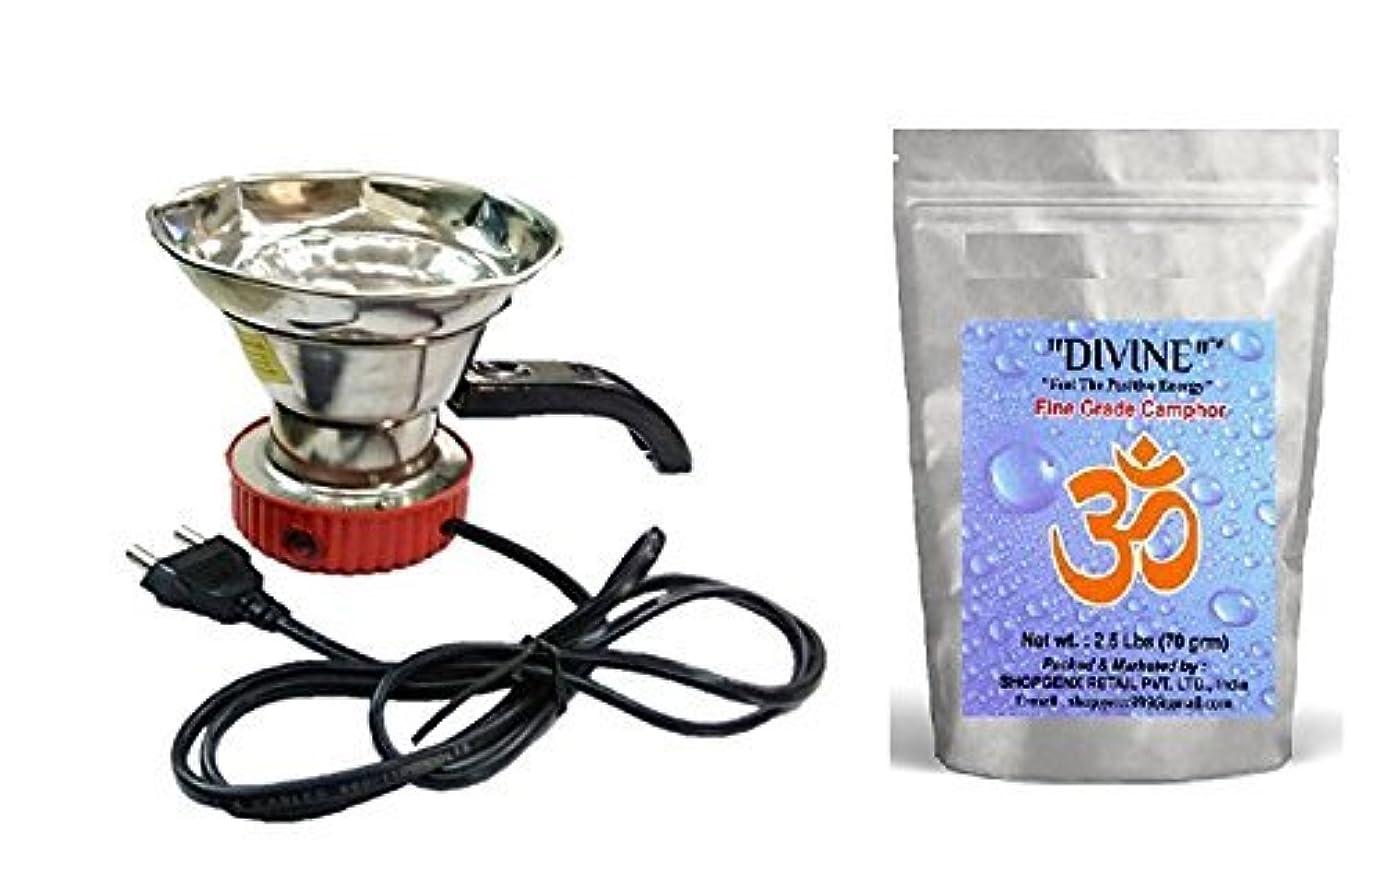 省舌迷惑Buycrafty™ Electric Dhoop Dani Incense Burner 12cm Free 70 gm Camphor for positive energy